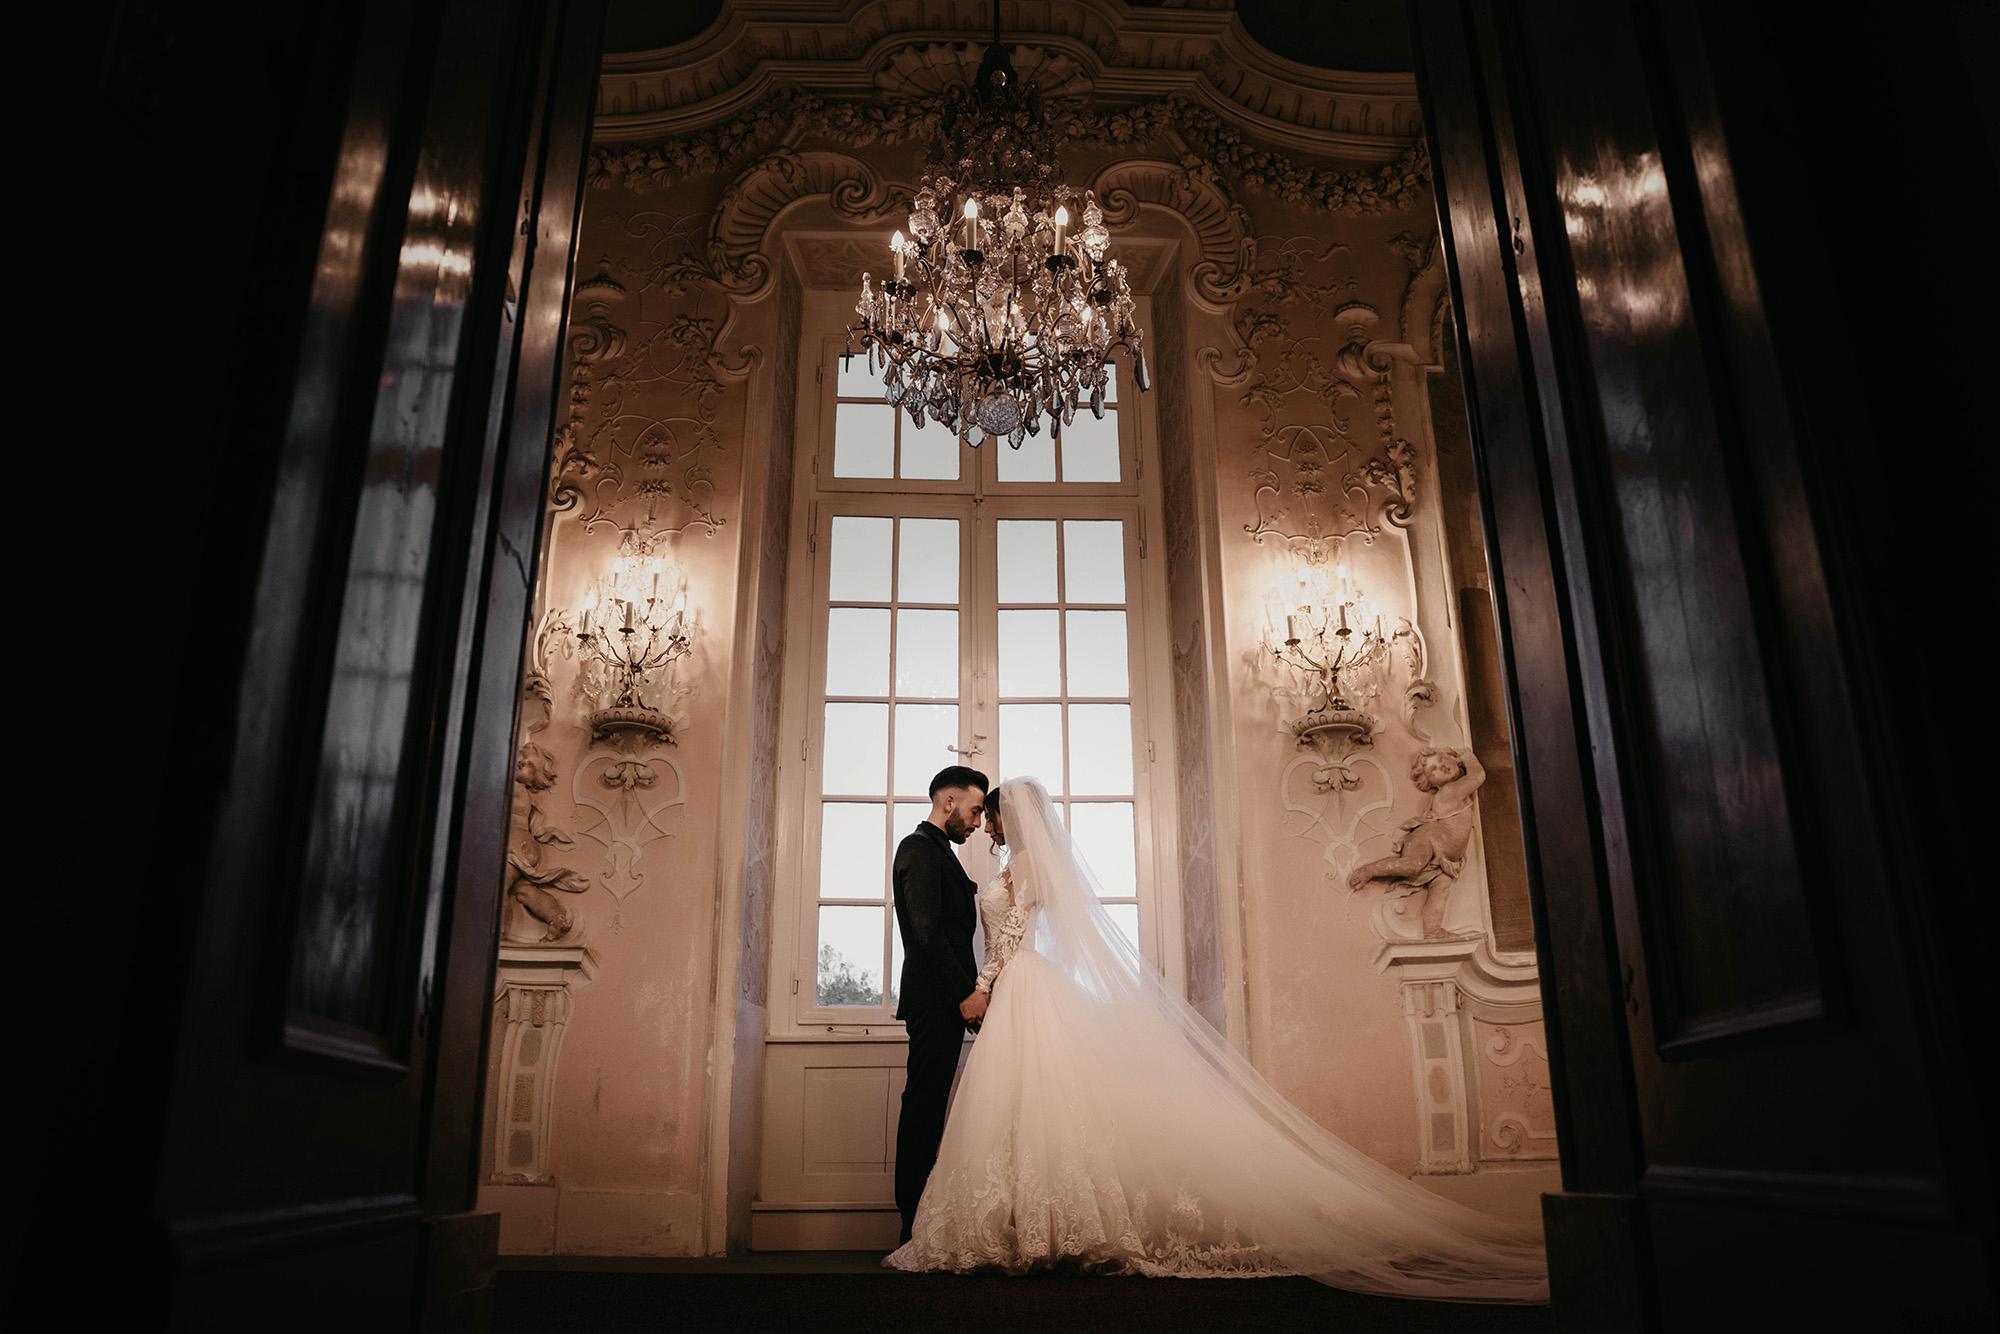 Braut und Bräutigam, Hand in Hand vor dem Fenster.jpg